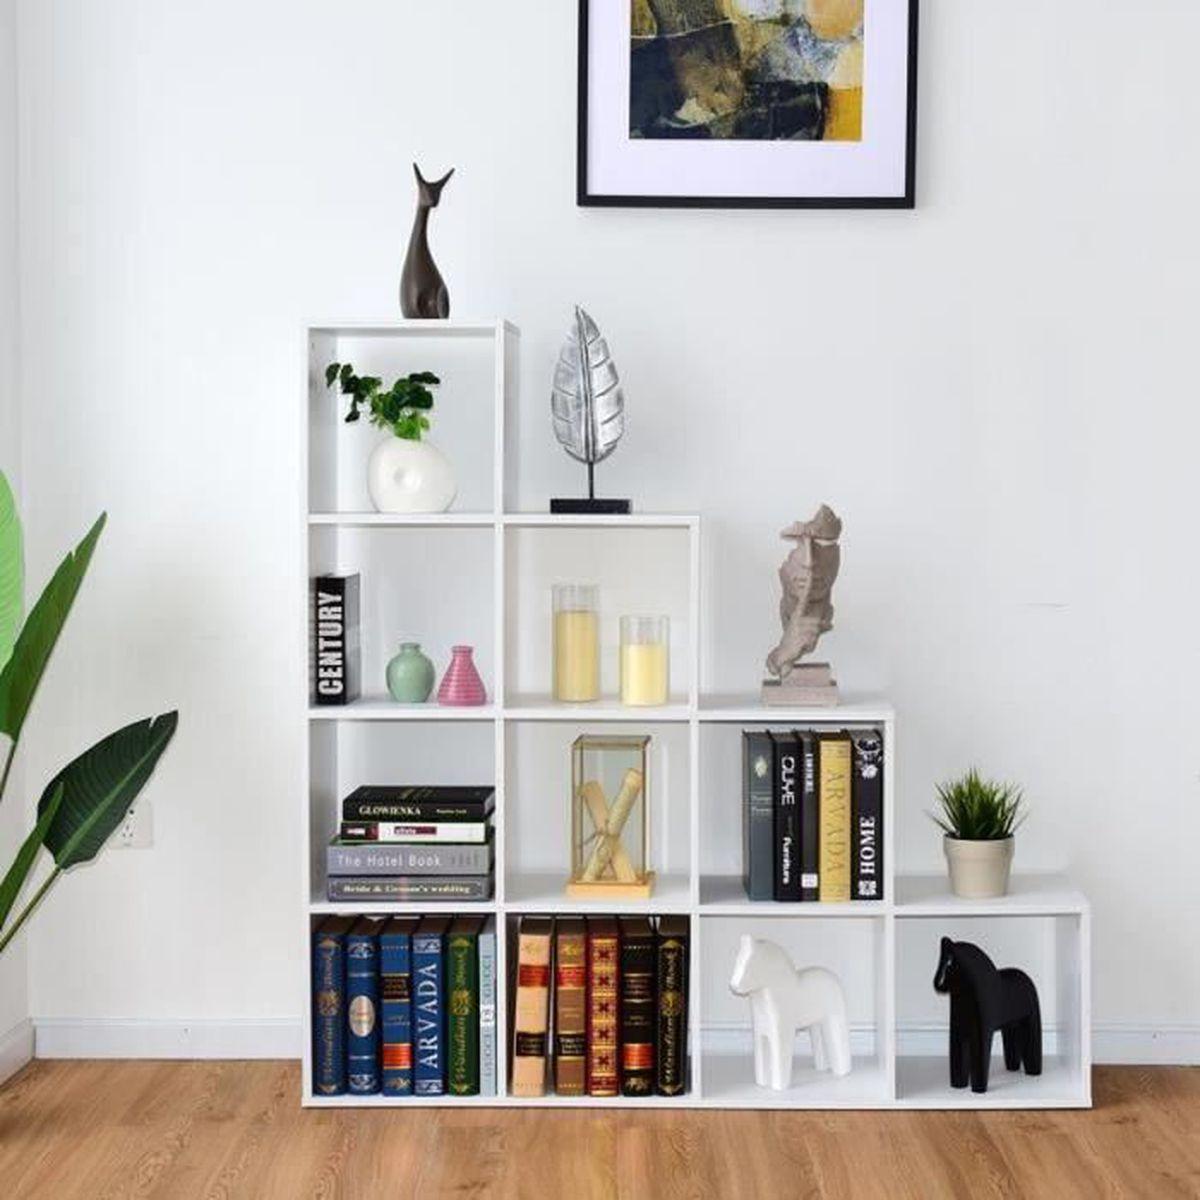 Escalier Dans Un Salon costway bibliothèque etagère rangement Étagère de livres 10